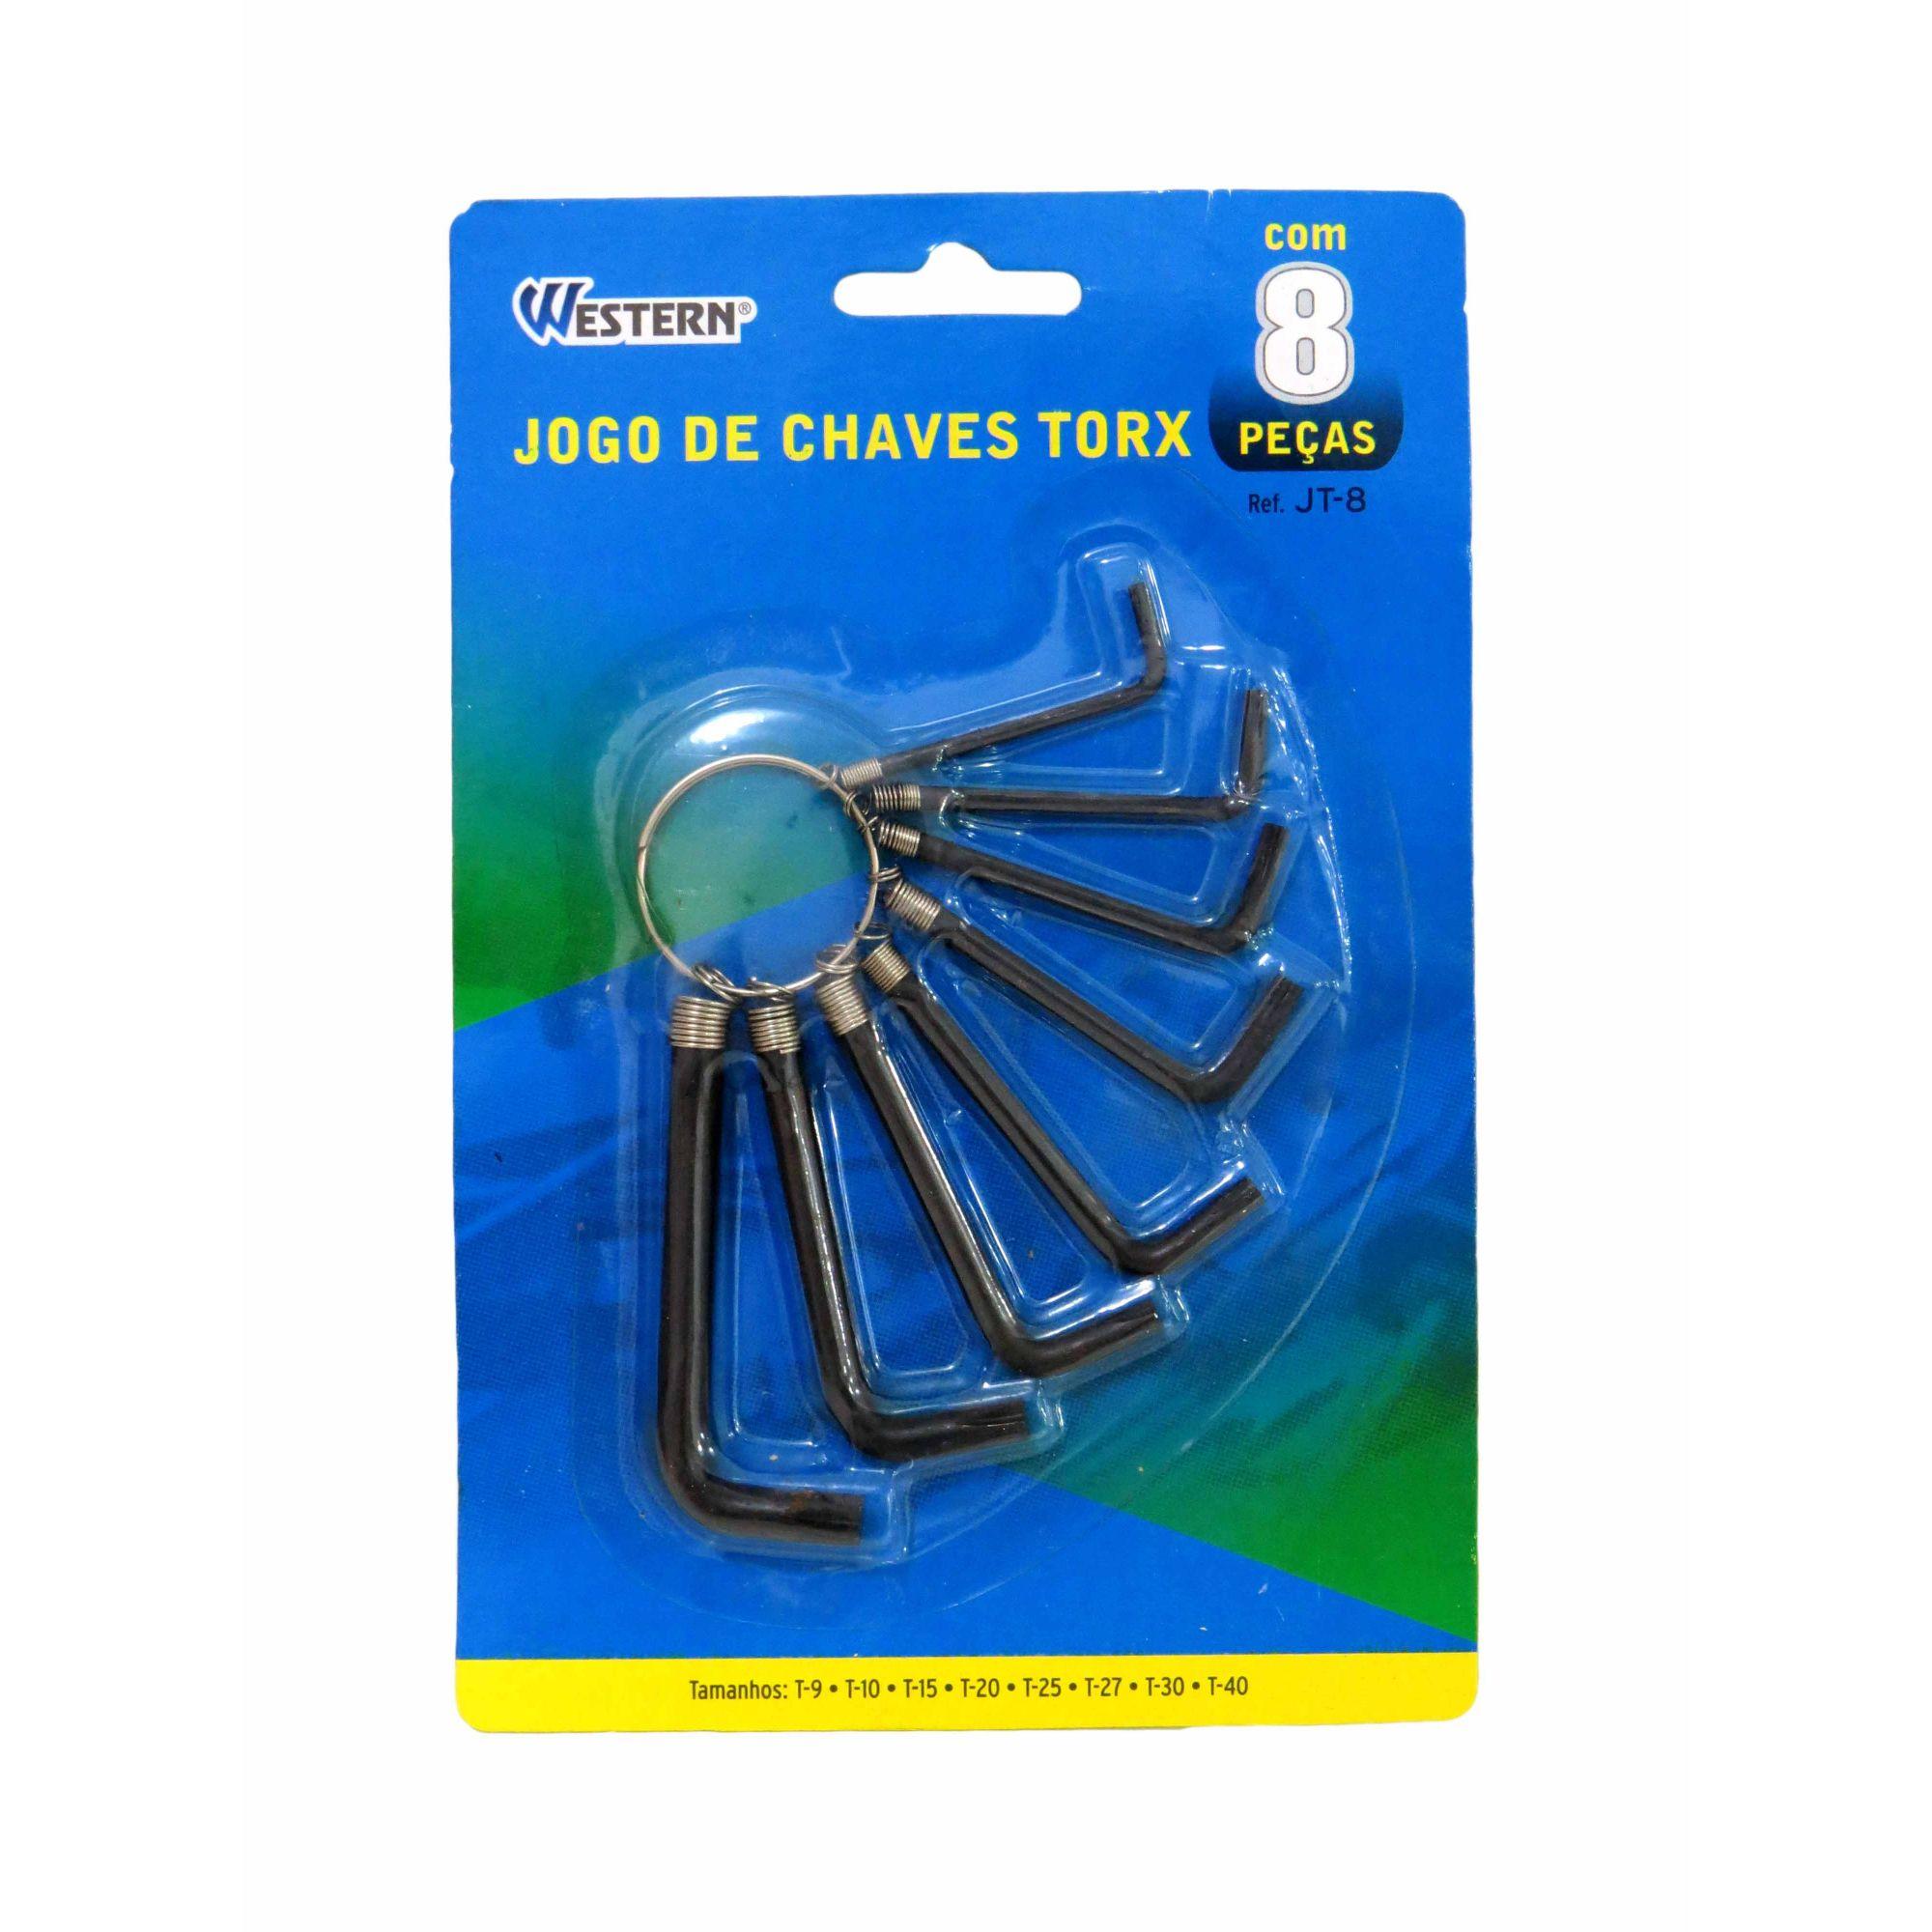 Jogo Kit De Chave Torx Com 8 Peças Western